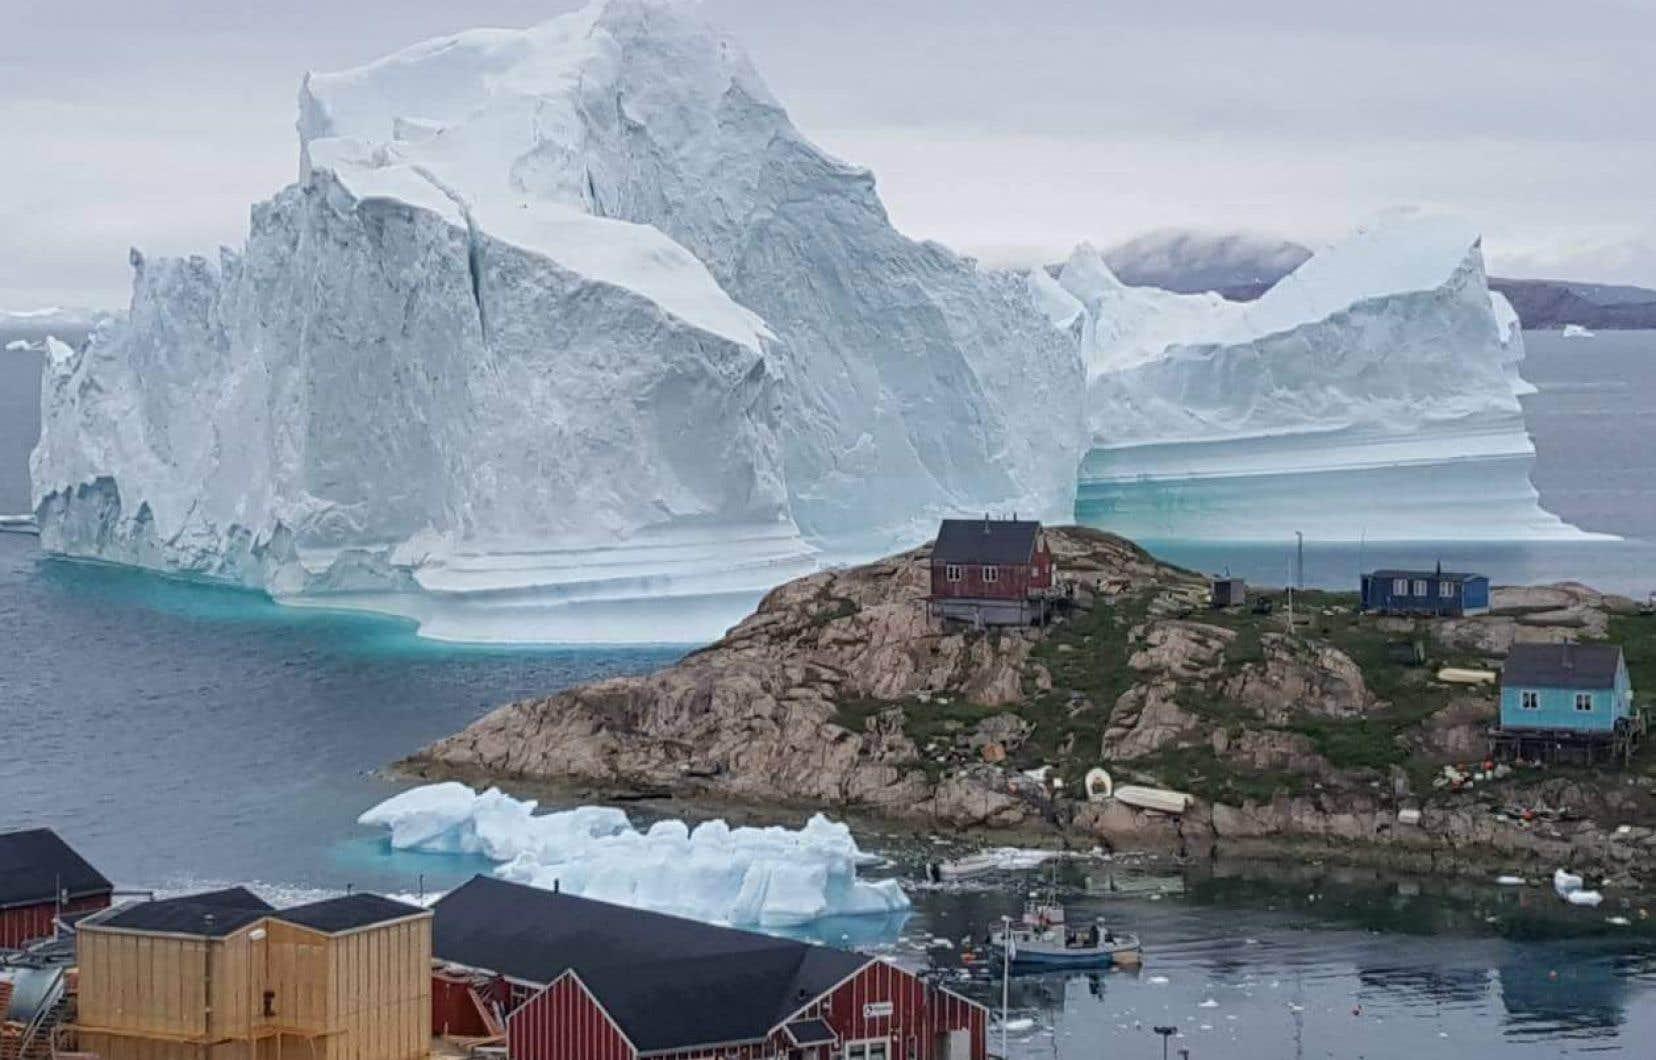 L'île d'Innarsuit, au nord-ouest du Groenland, compte 169 habitants et ceux vivant à proximité de l'iceberg ont été évacués.